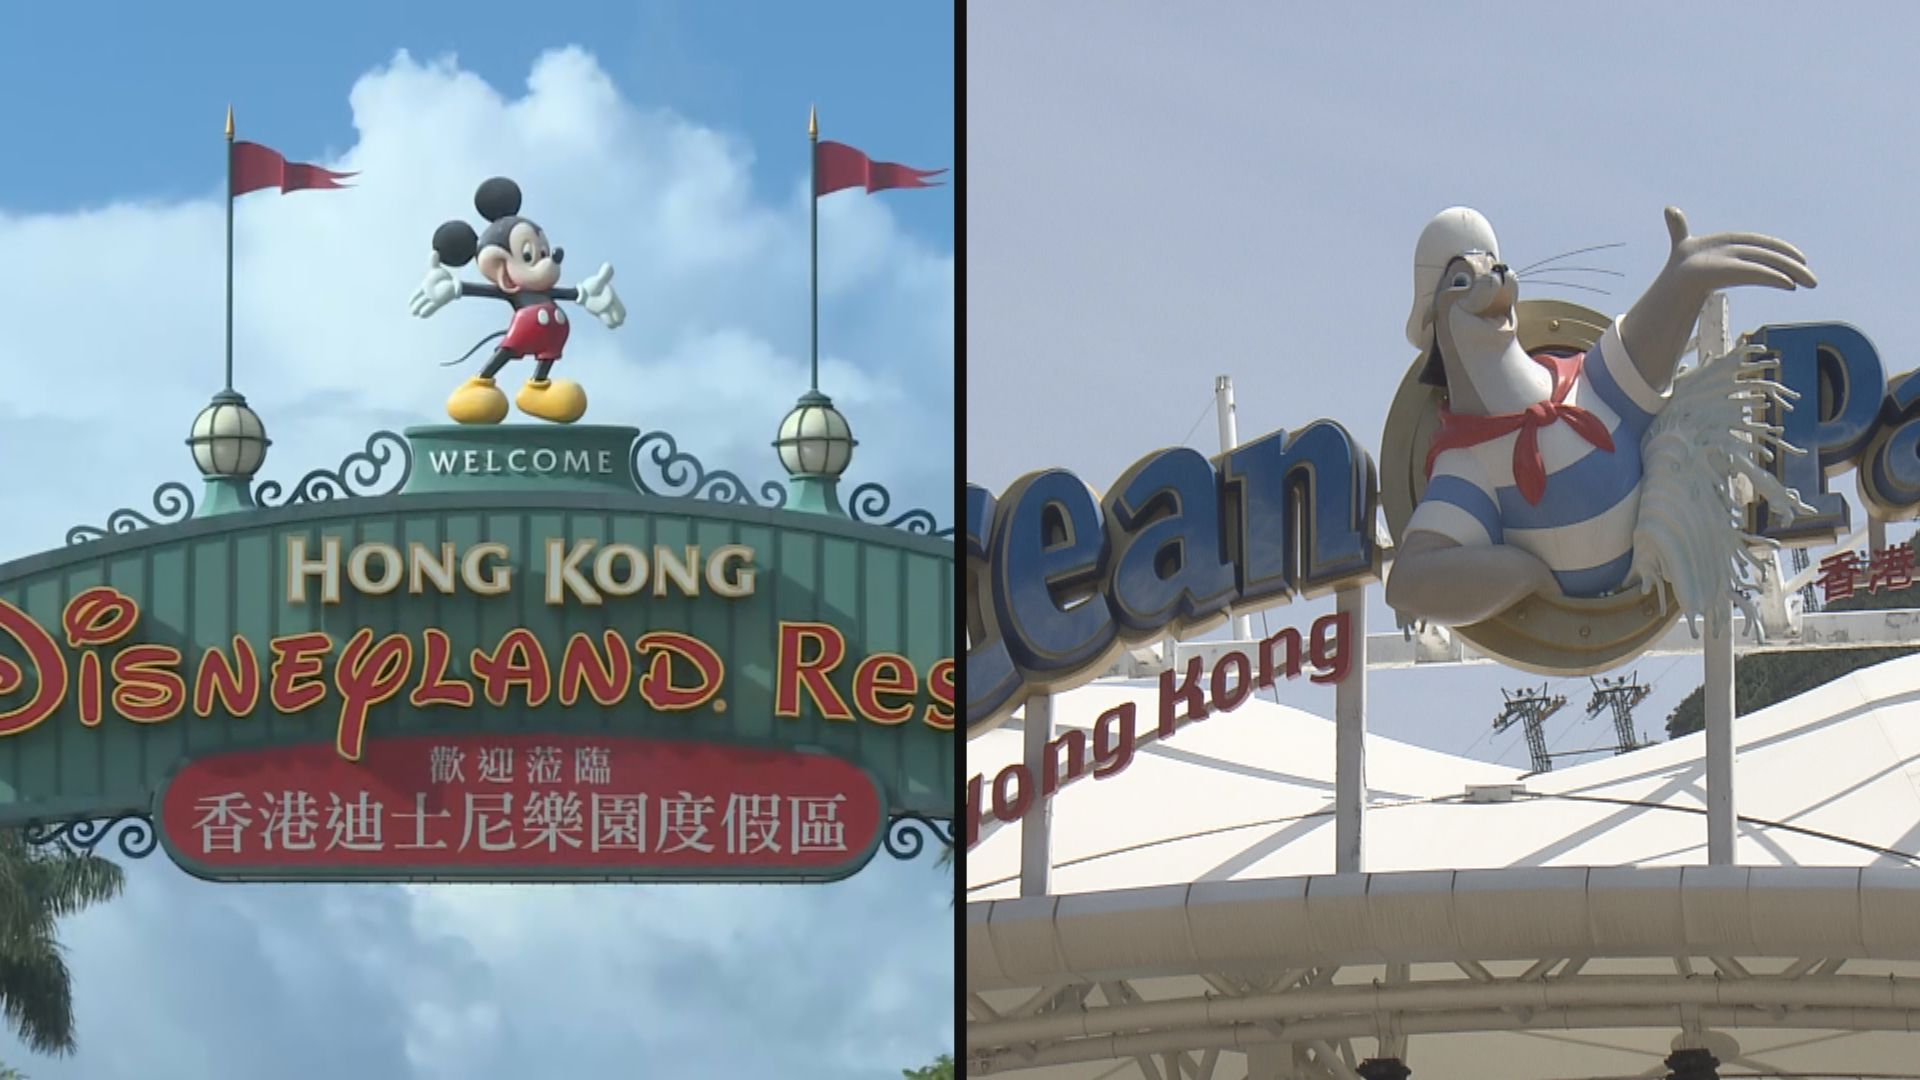 海洋公園周二起暫停開放 迪士尼樂園周三起暫時關閉